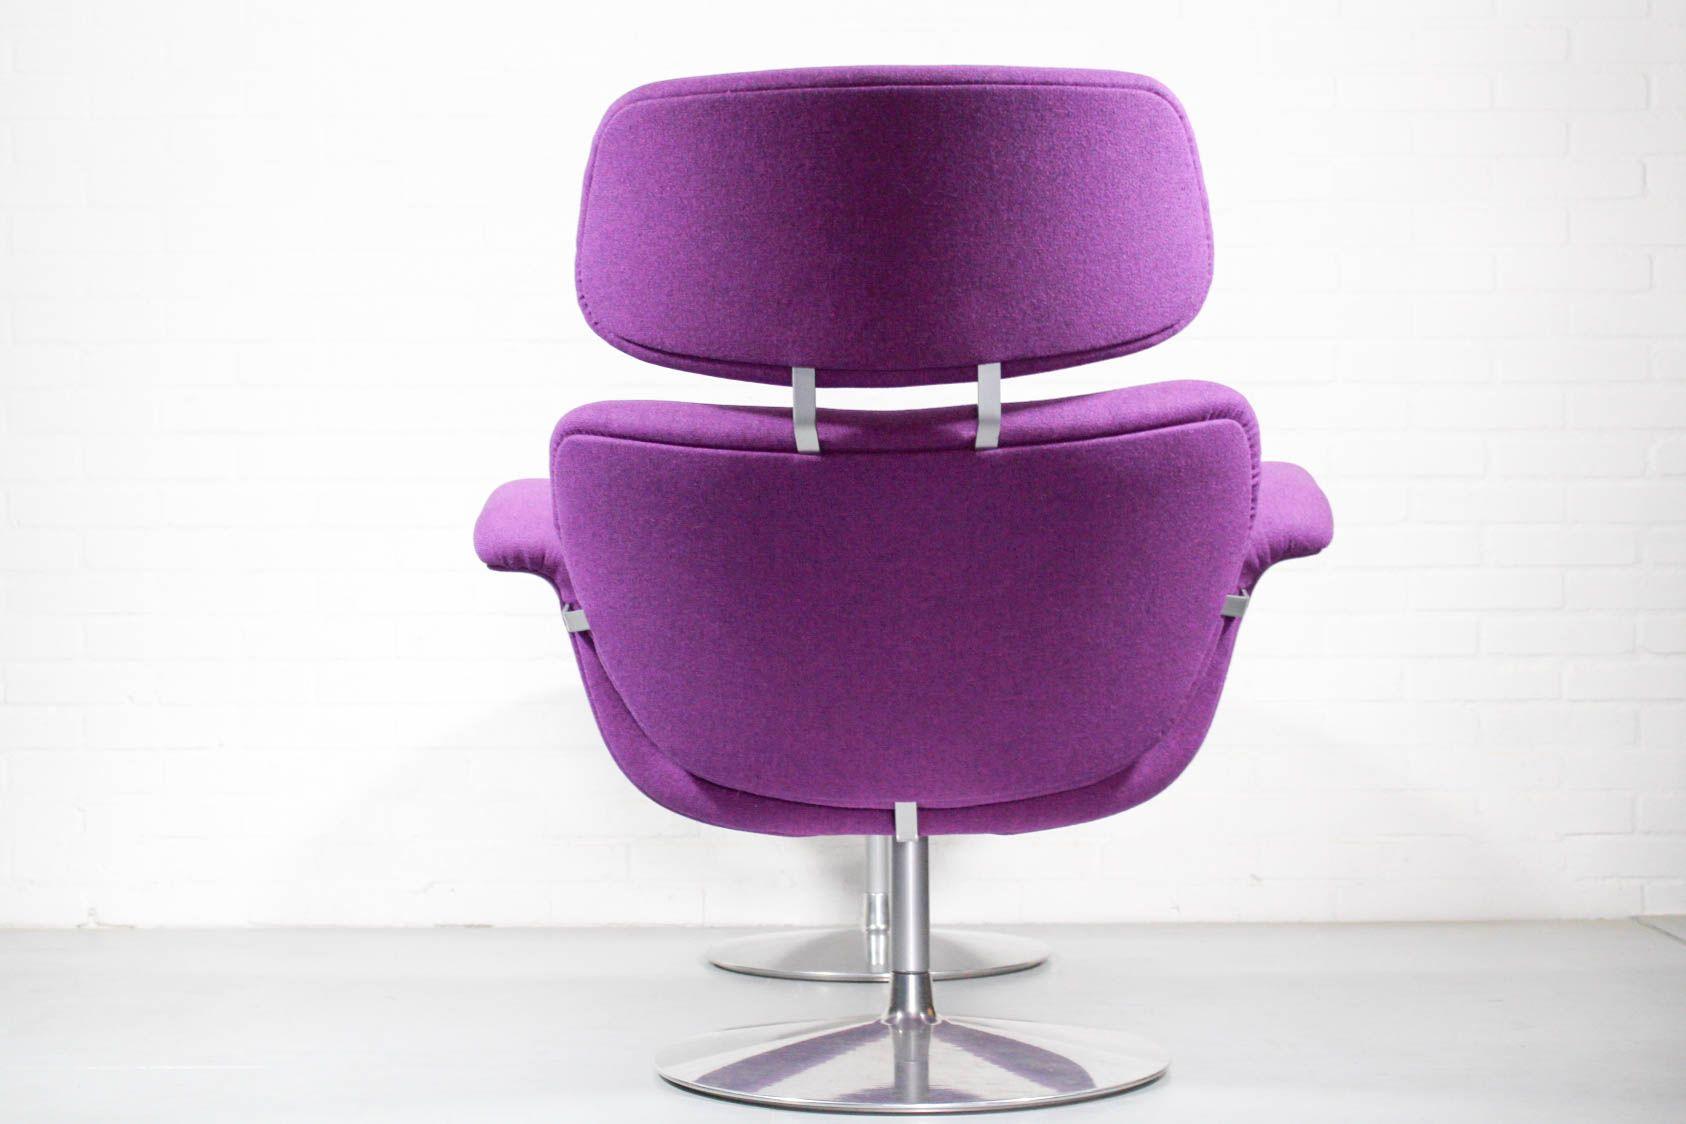 chaise ottomane tulip vintage par pierre paulin pour artifort en vente sur pamono. Black Bedroom Furniture Sets. Home Design Ideas